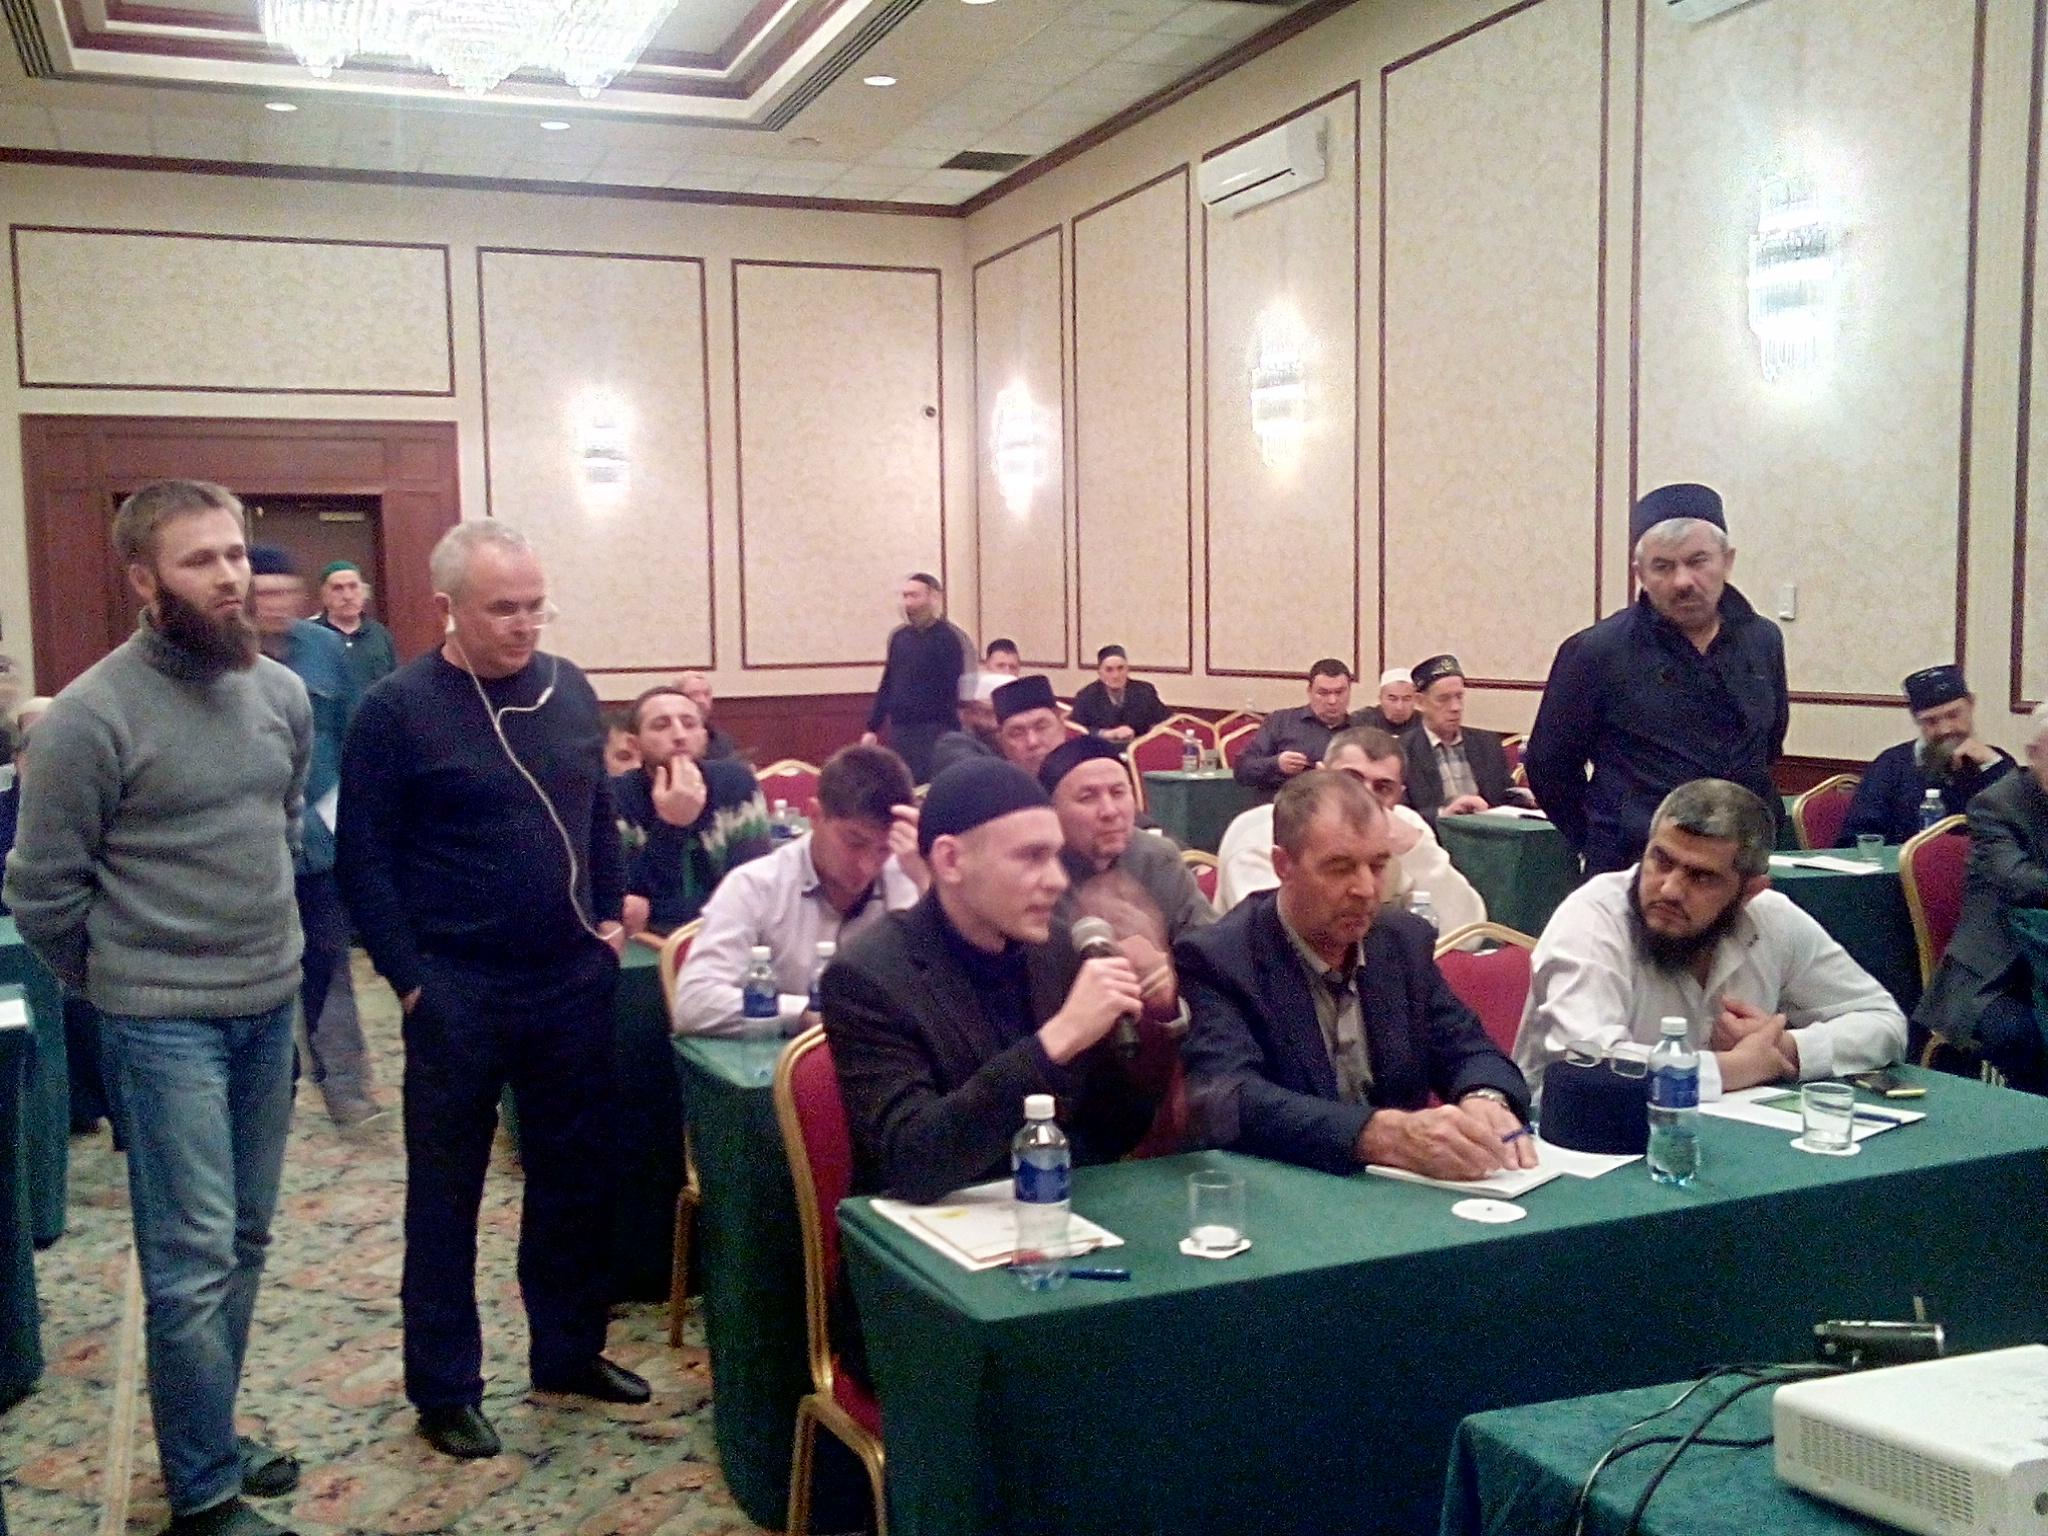 Мусульманские деятели приехали в Москву повысить свою квалификацию